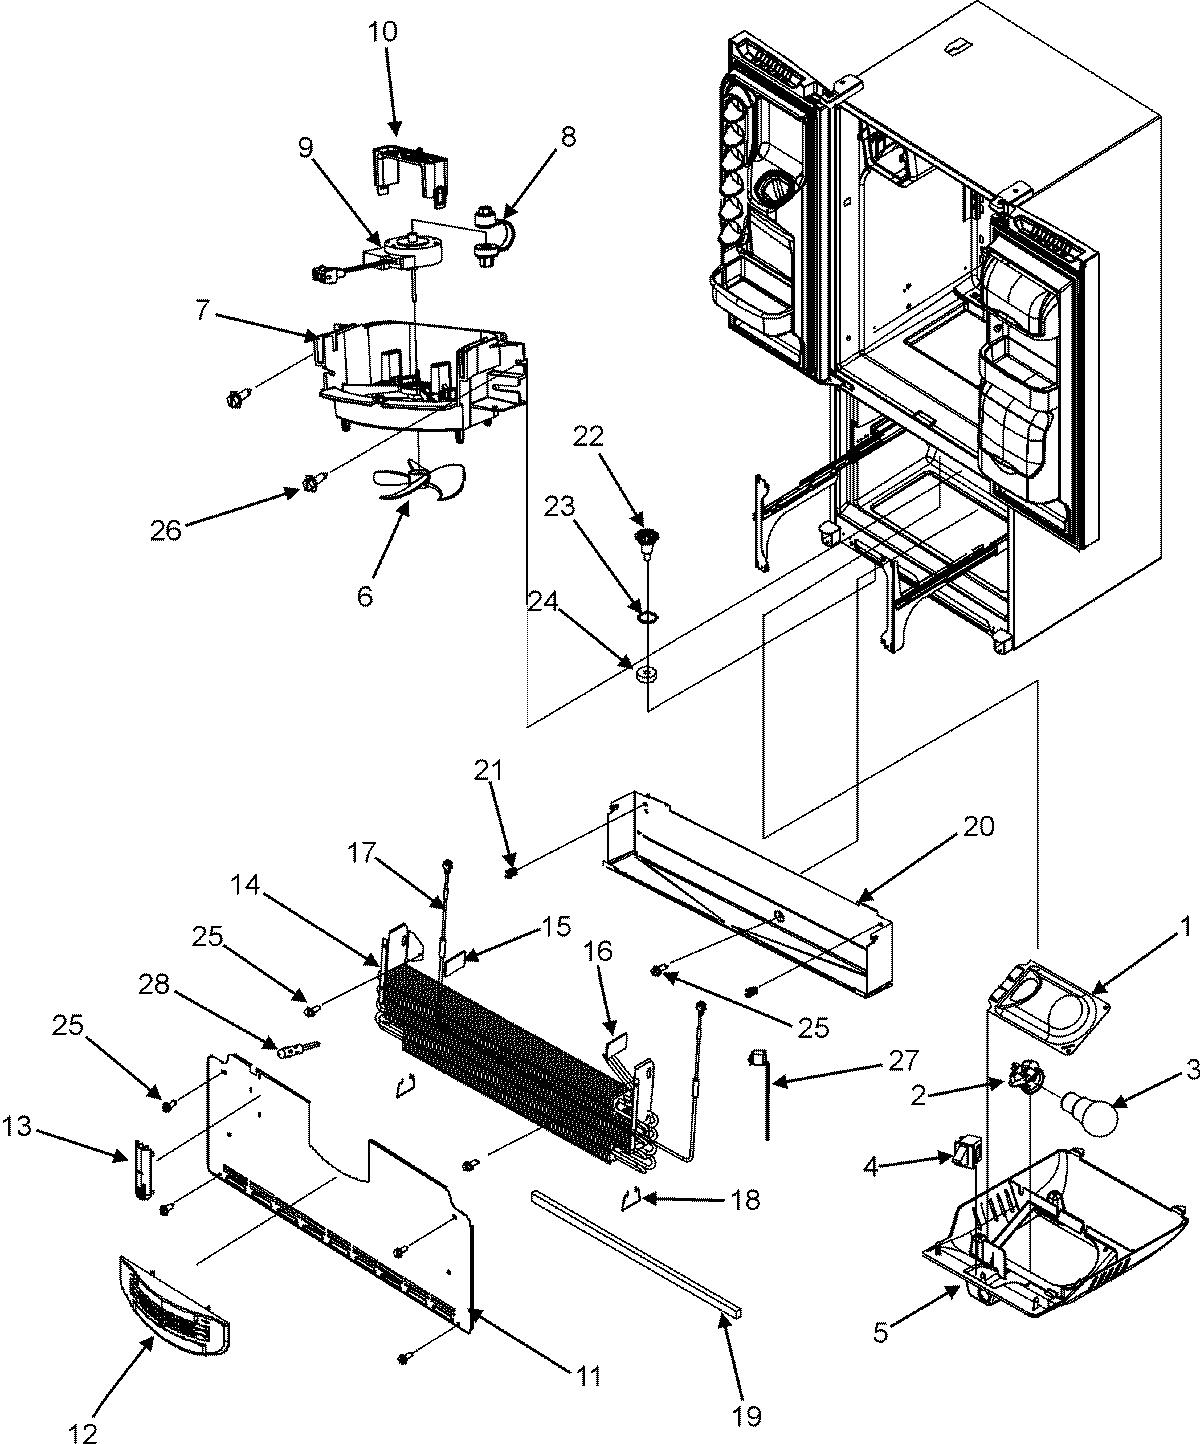 defrosting a maytag refrigerator [ 1200 x 1444 Pixel ]